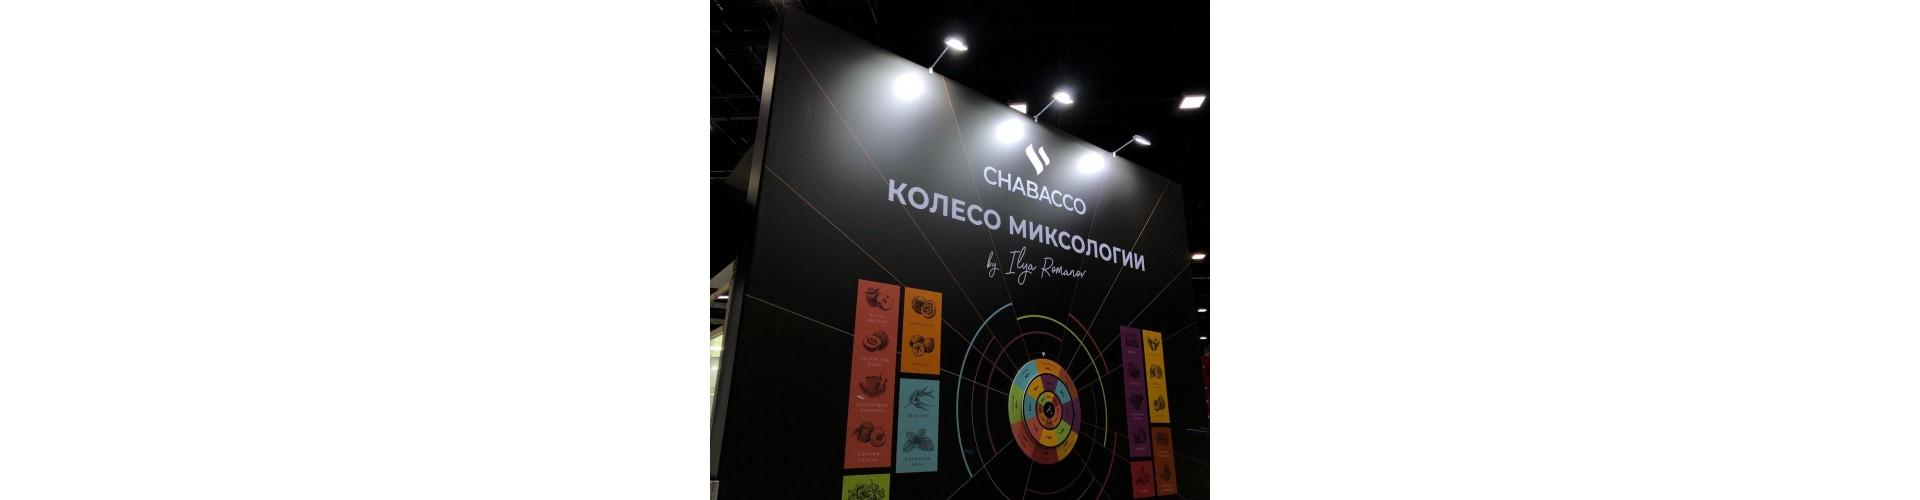 Колесо миксологии от Chabacco в Луганске и ЛНР. Сделай свой топовый кальянный микс!